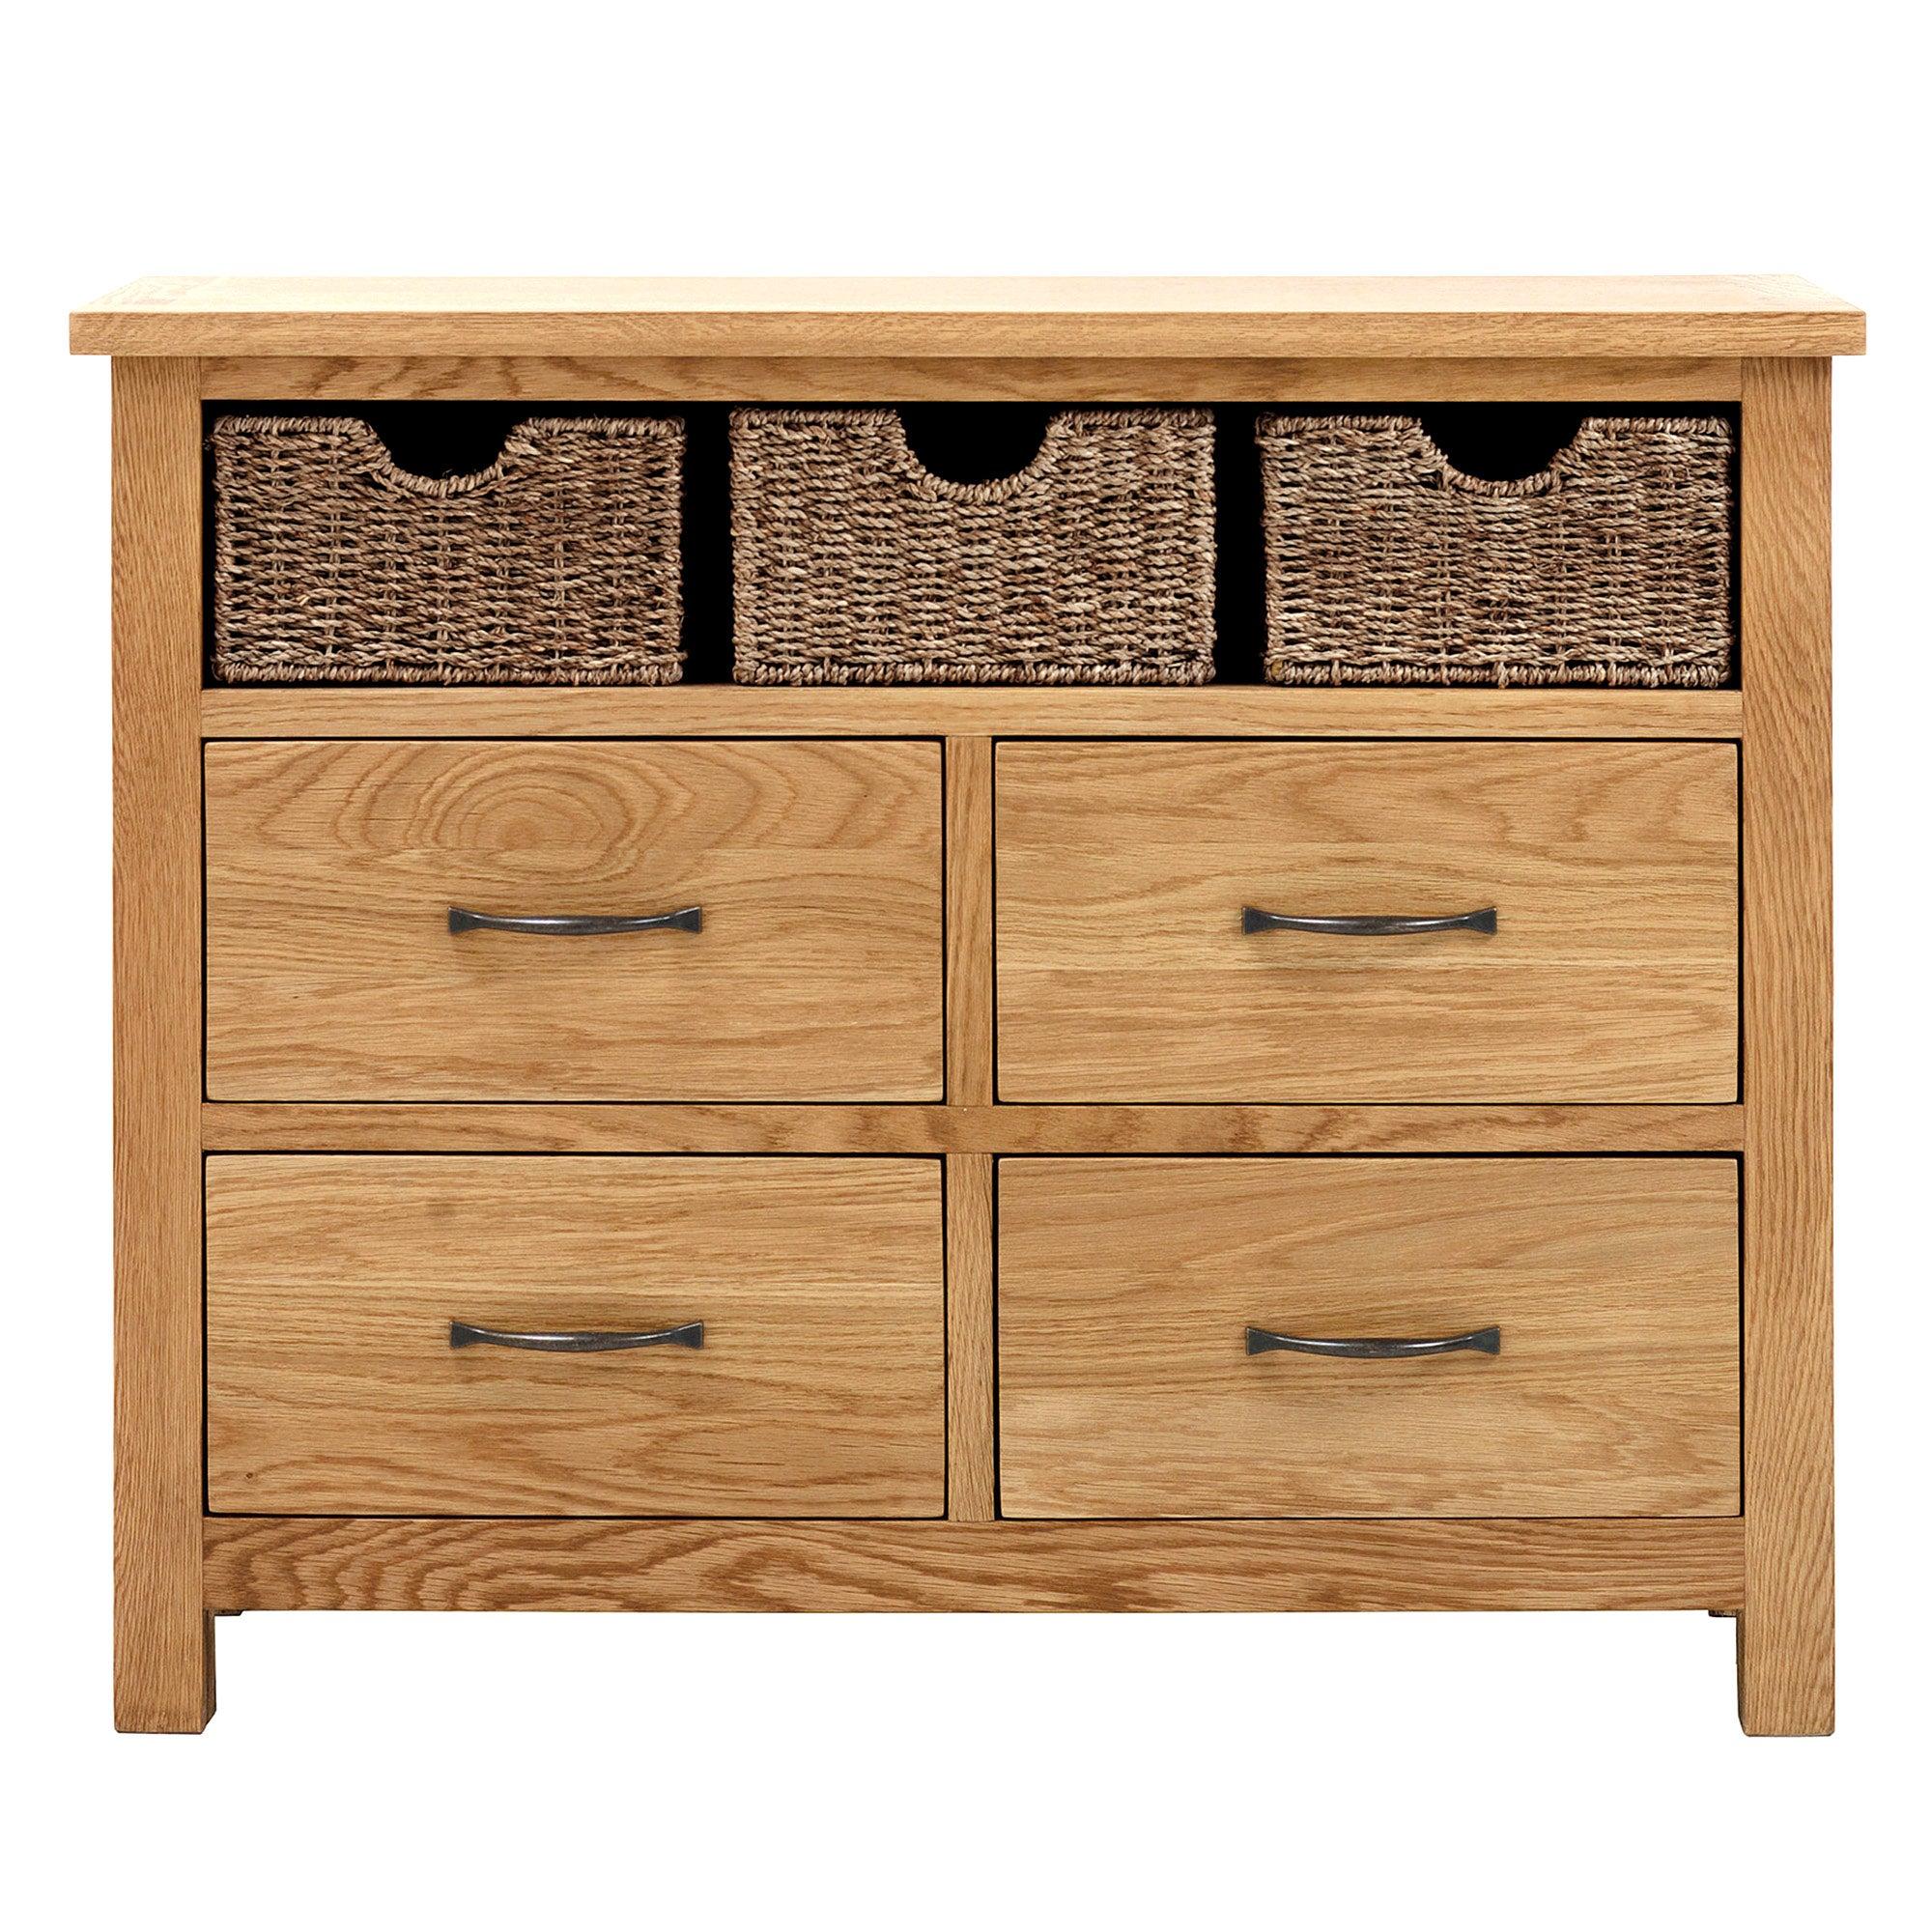 Sidmouth Oak Sideboard